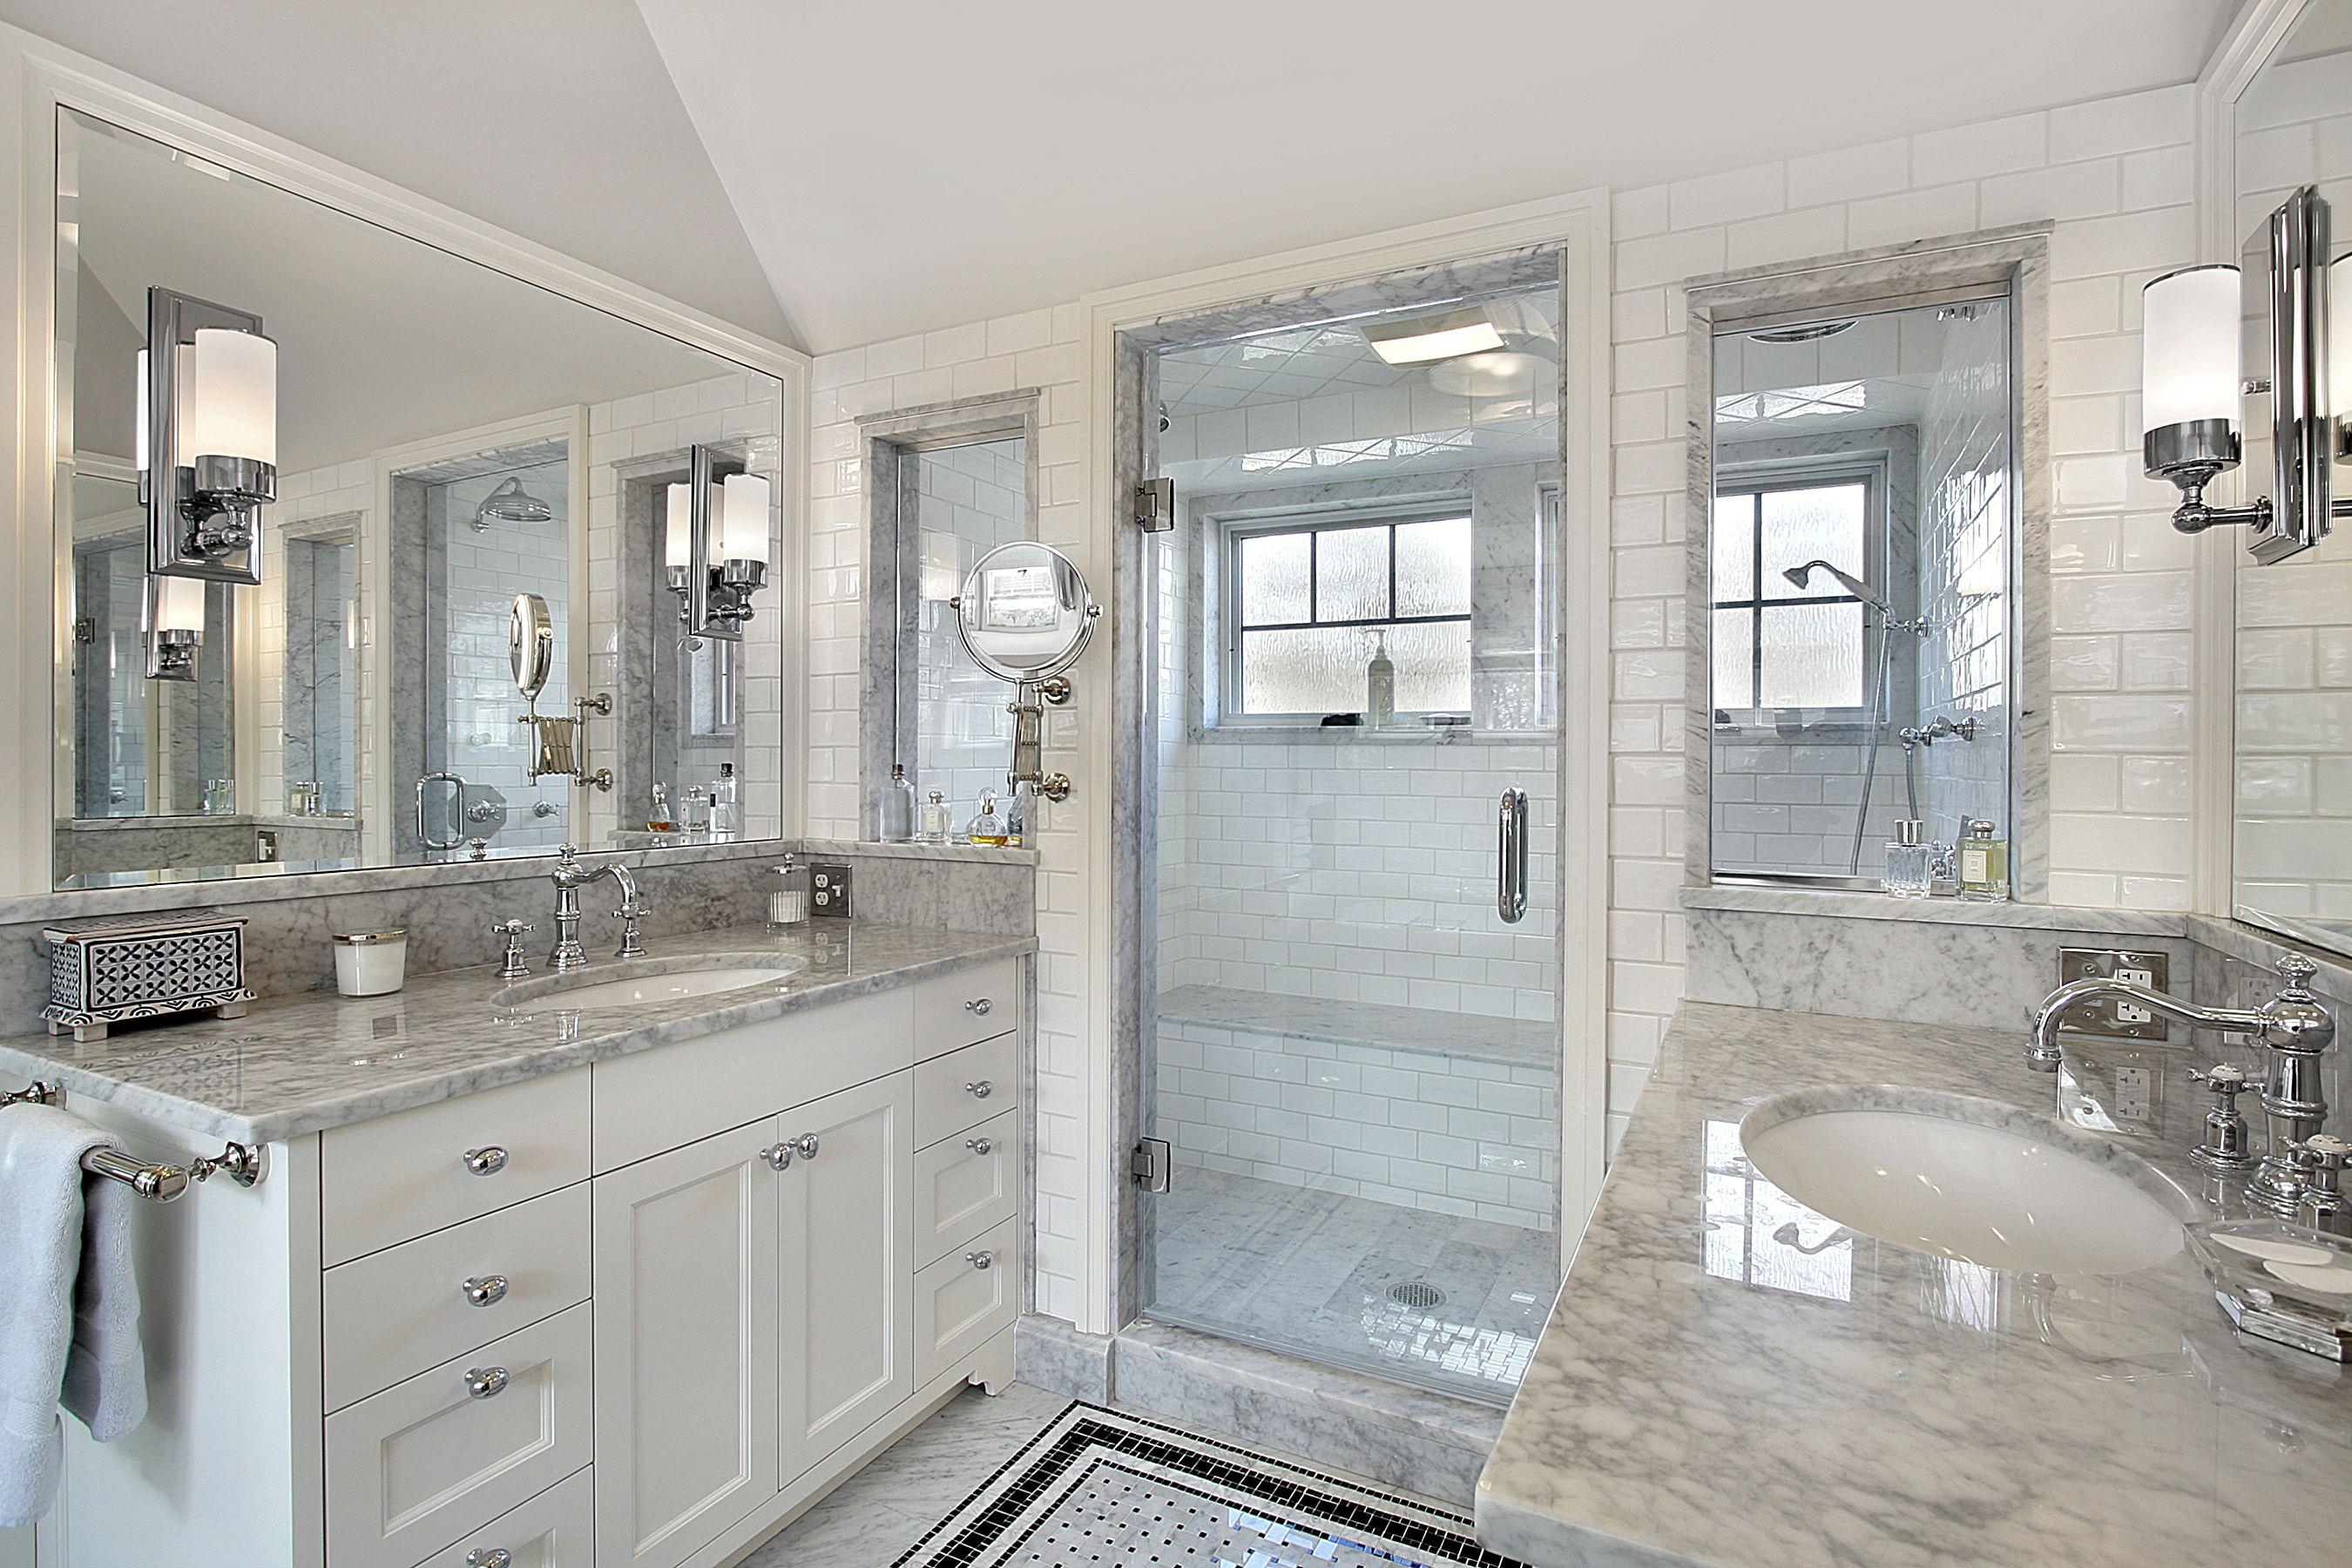 Bathroom tile in Metairie, LA from Floor de Lis